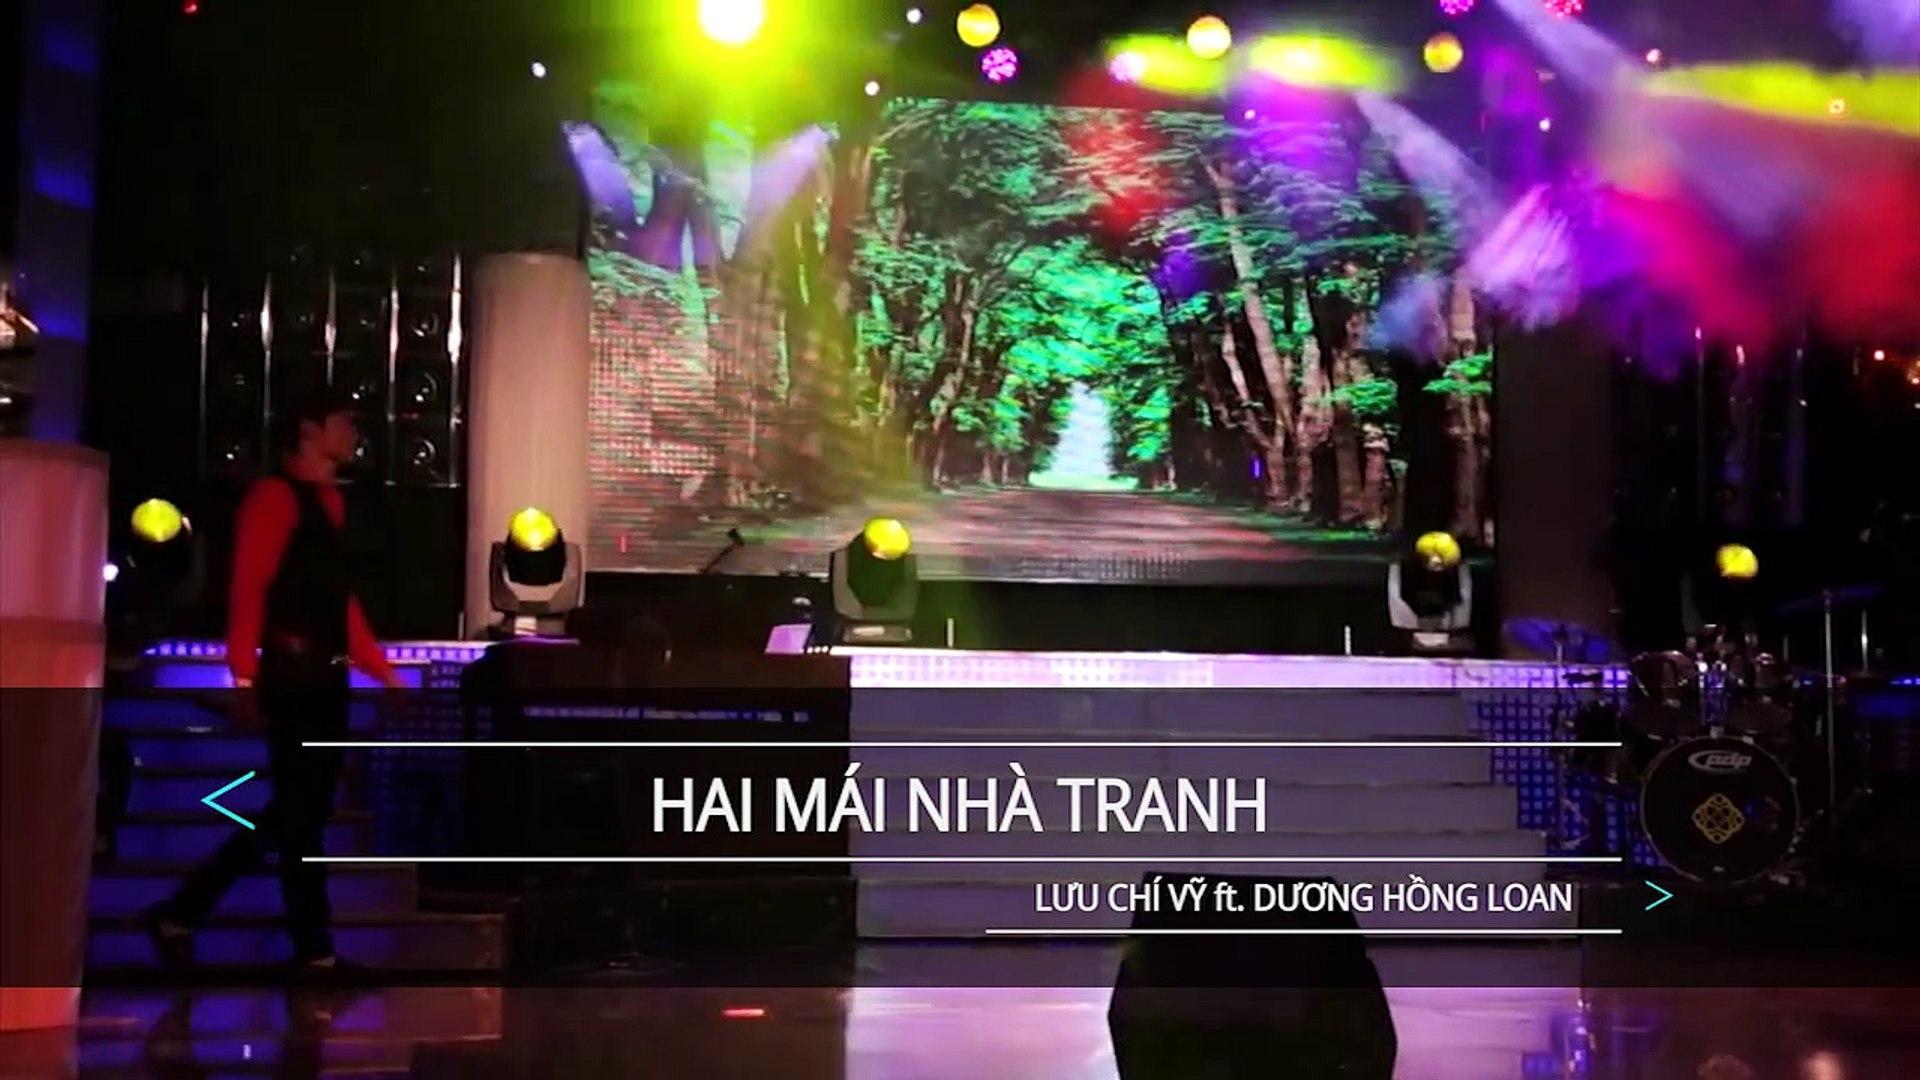 [Karaoke] Hai Mái Nhà Tranh - Lưu Chí Vỹ Ft. Dương Hồng Loan [Beat]